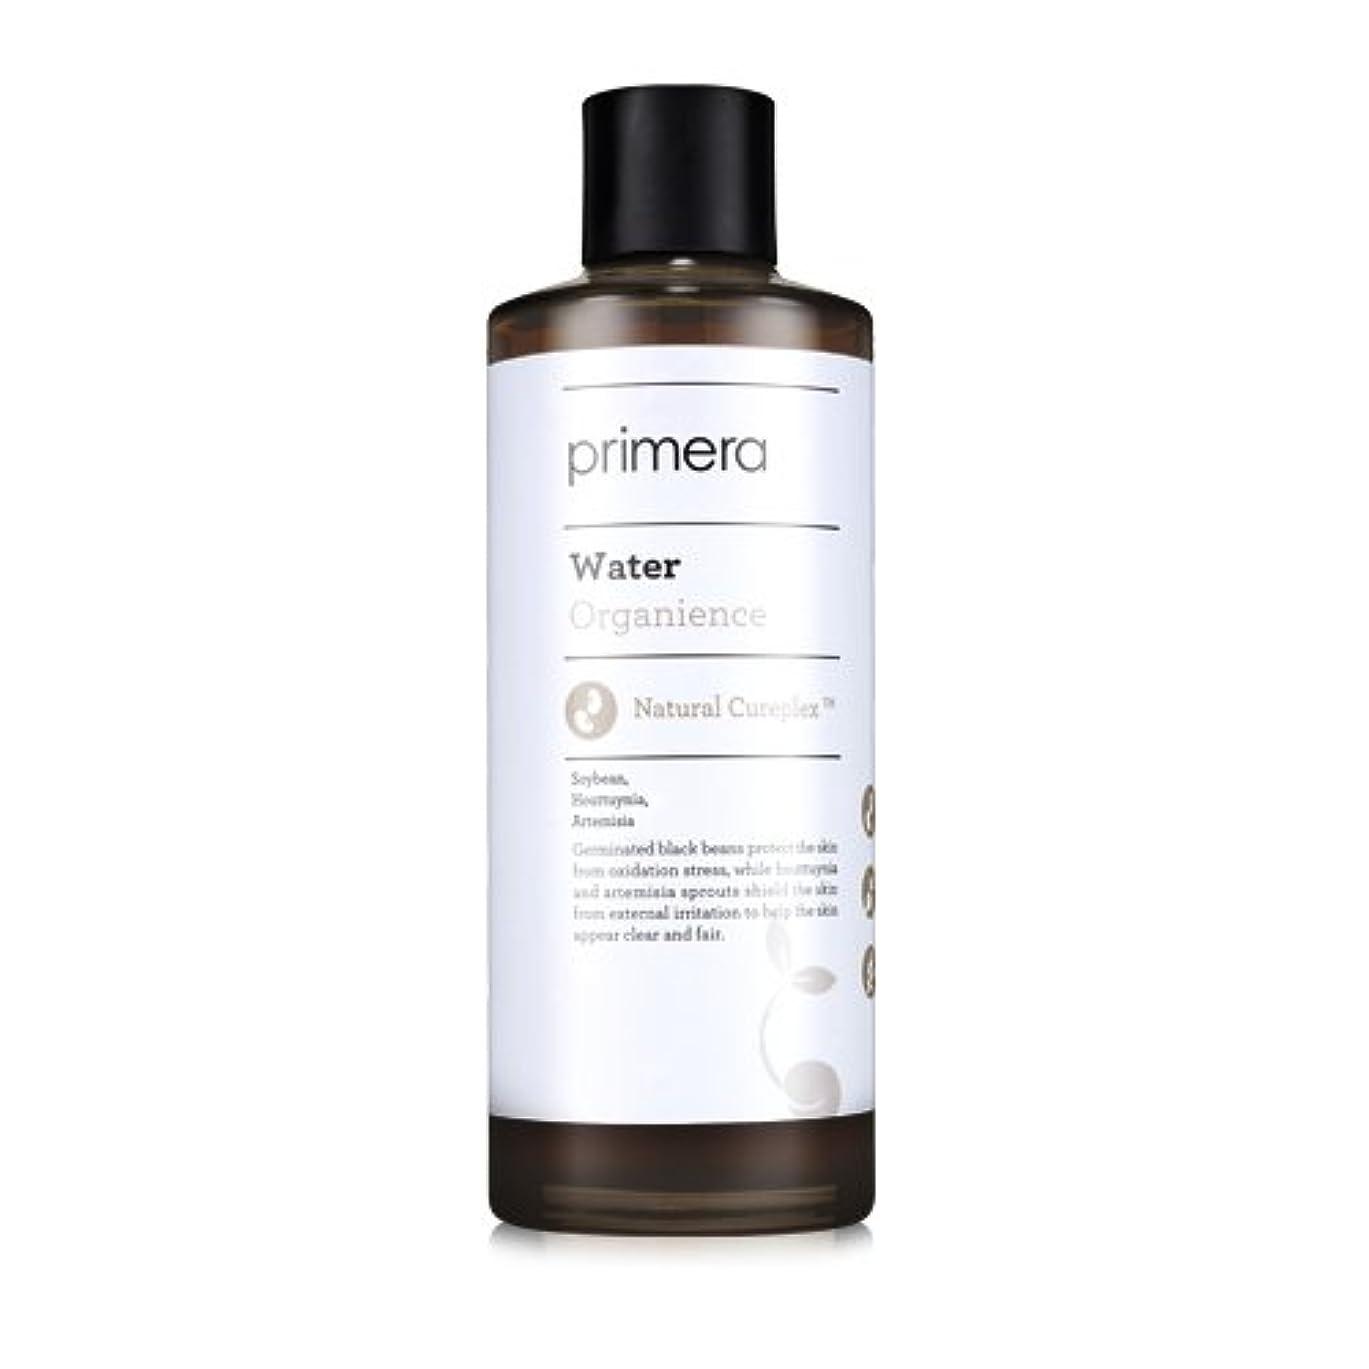 作成する自明ボーナスPRIMERA プリメラ オーガニエンス ウォーター(Organience Water)化粧水 180ml